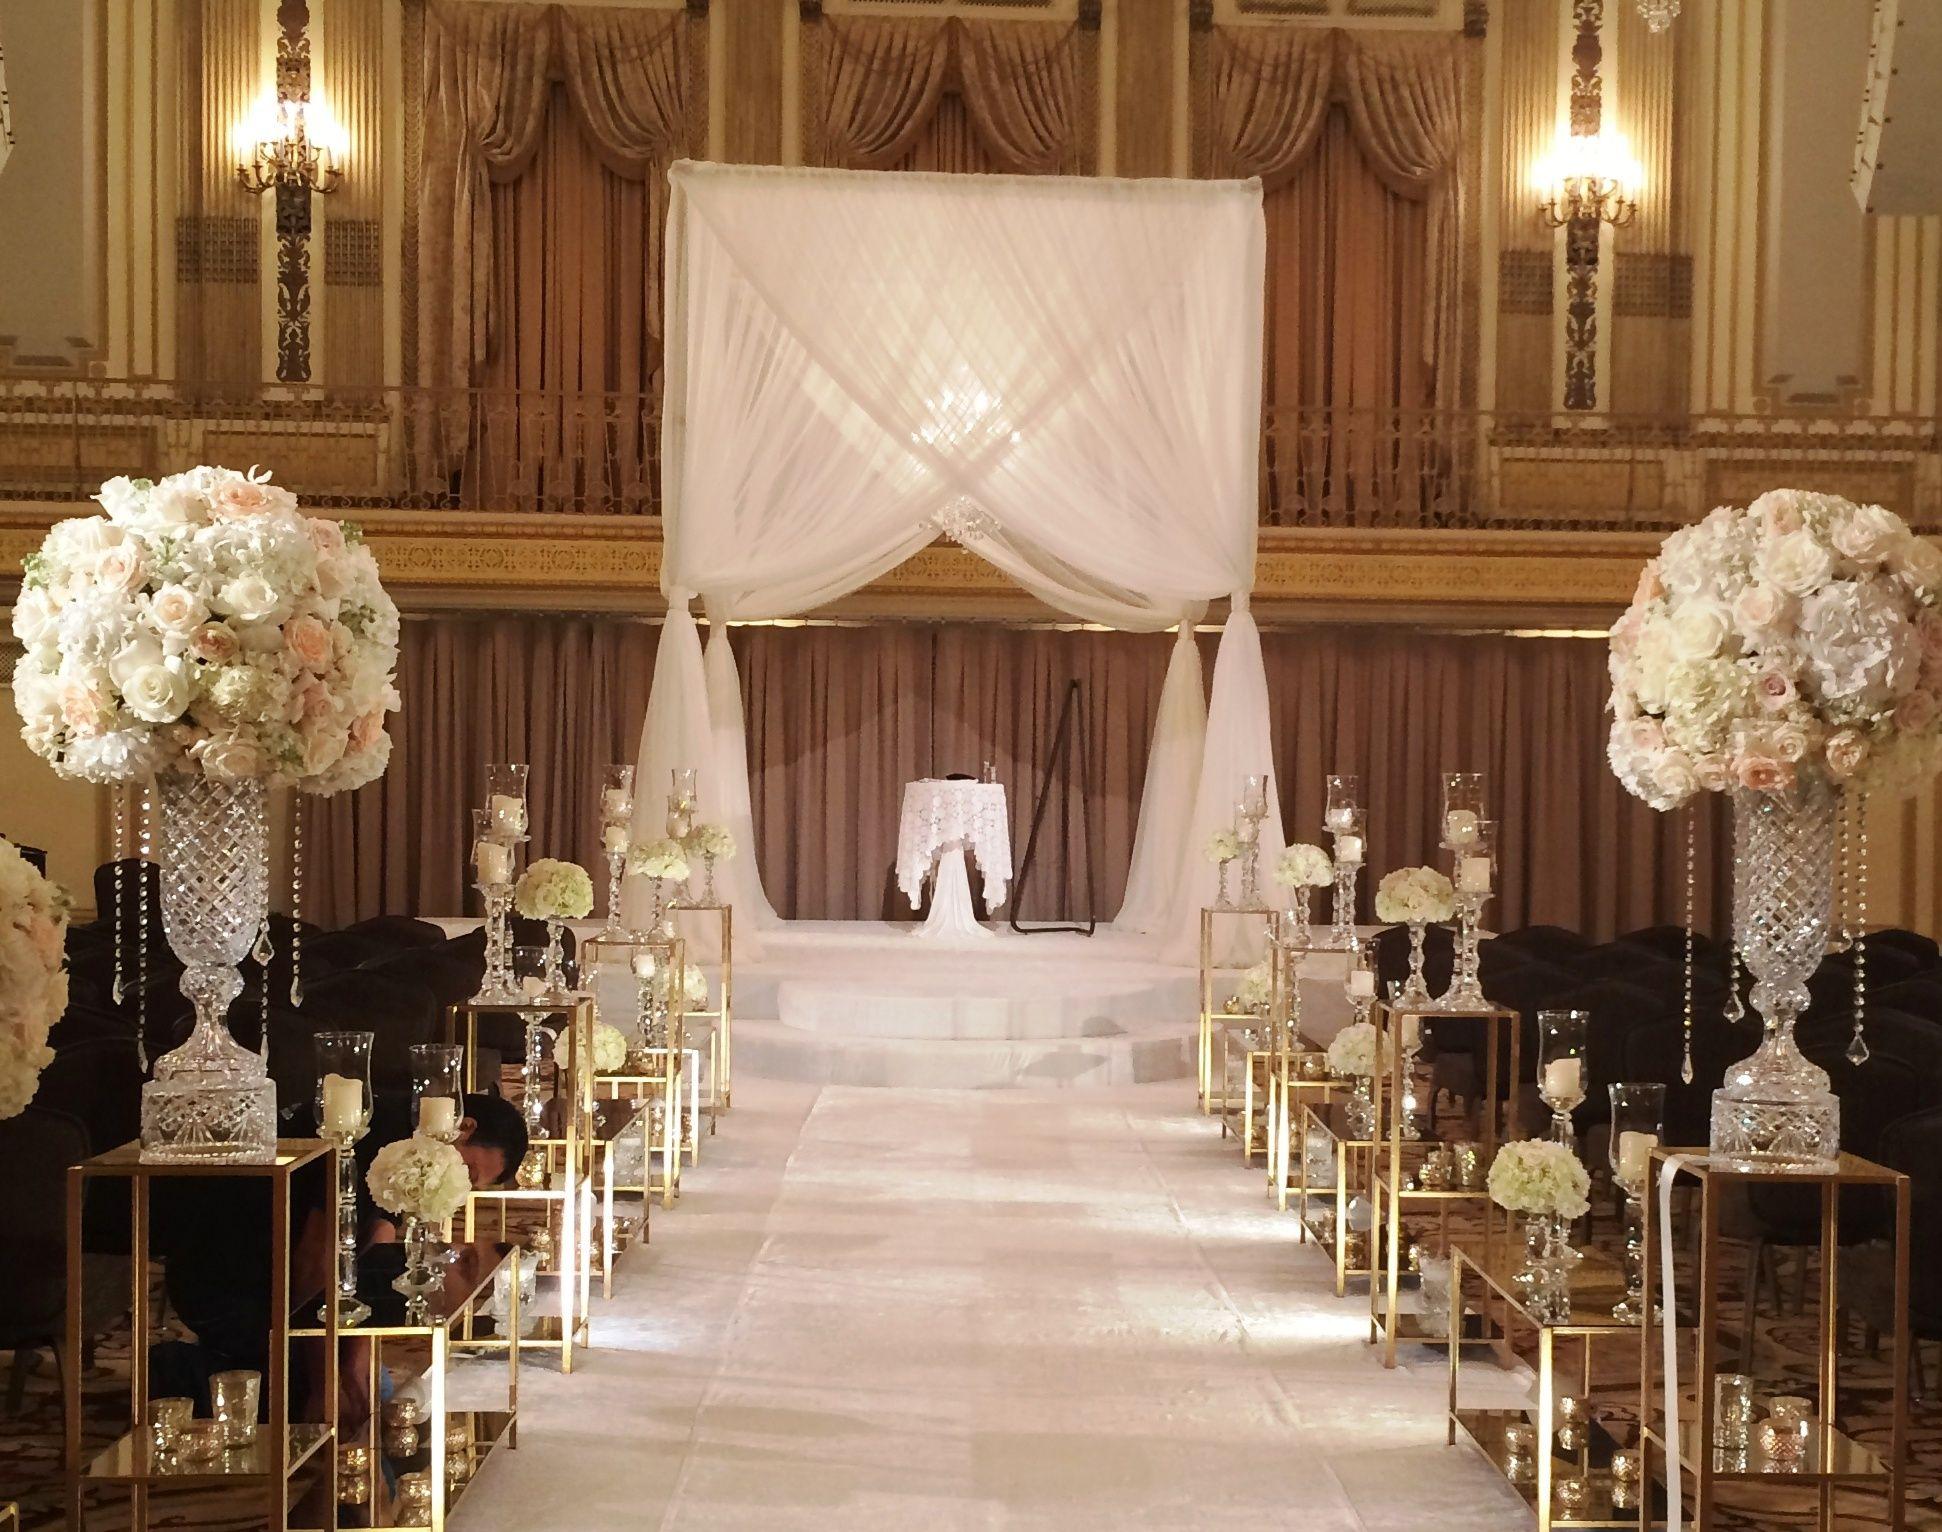 Jewish Wedding Ceremony Decor Wedding Aisle Decorations Aisle